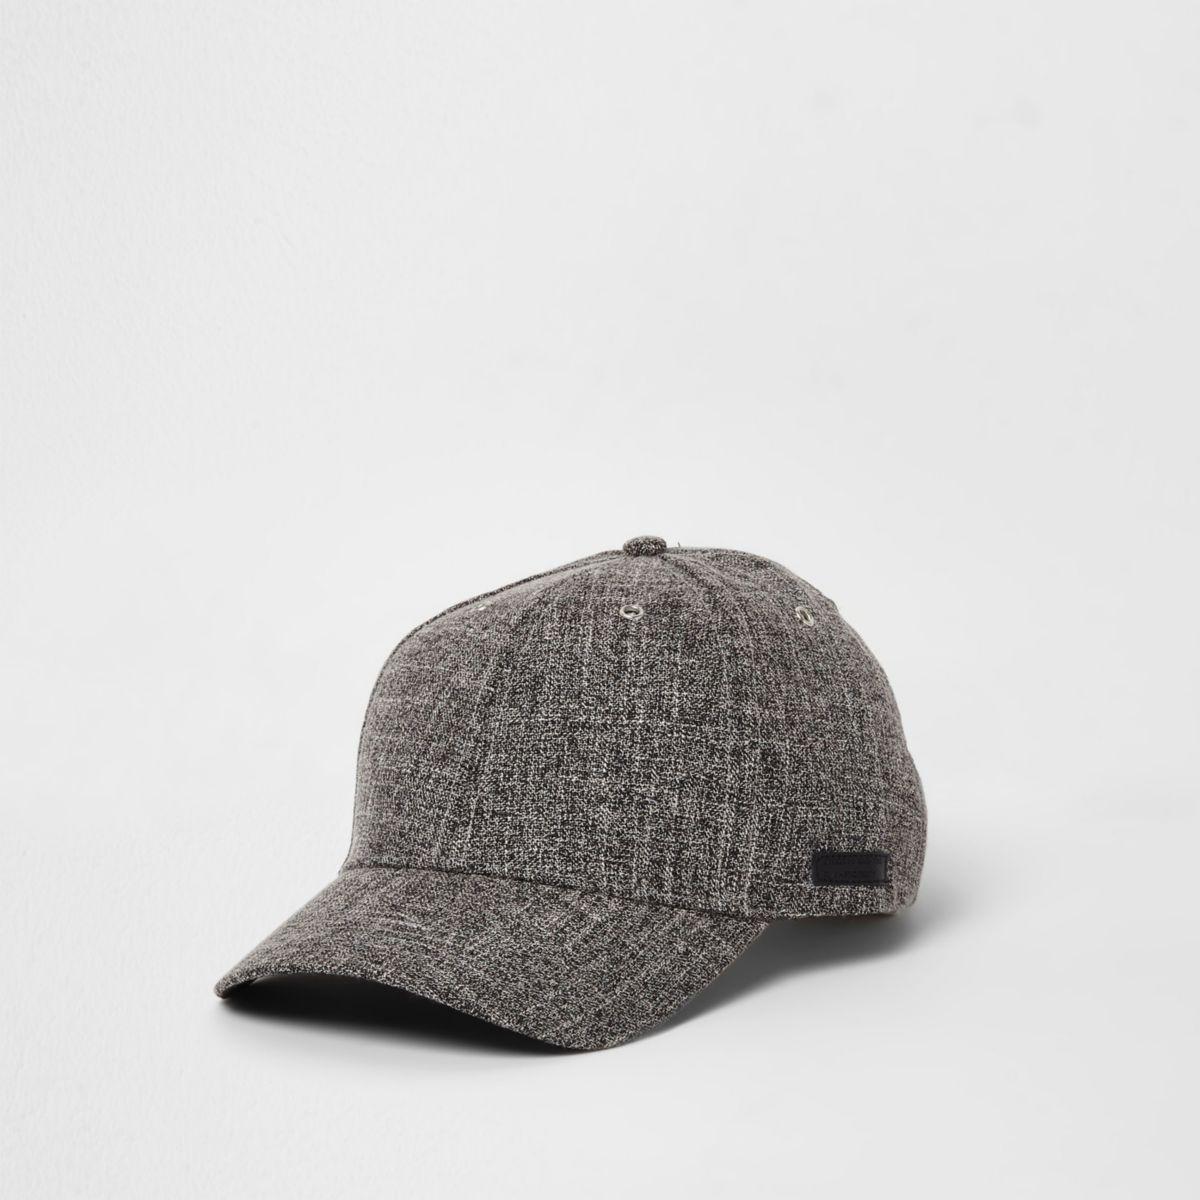 Grey textured baseball cap